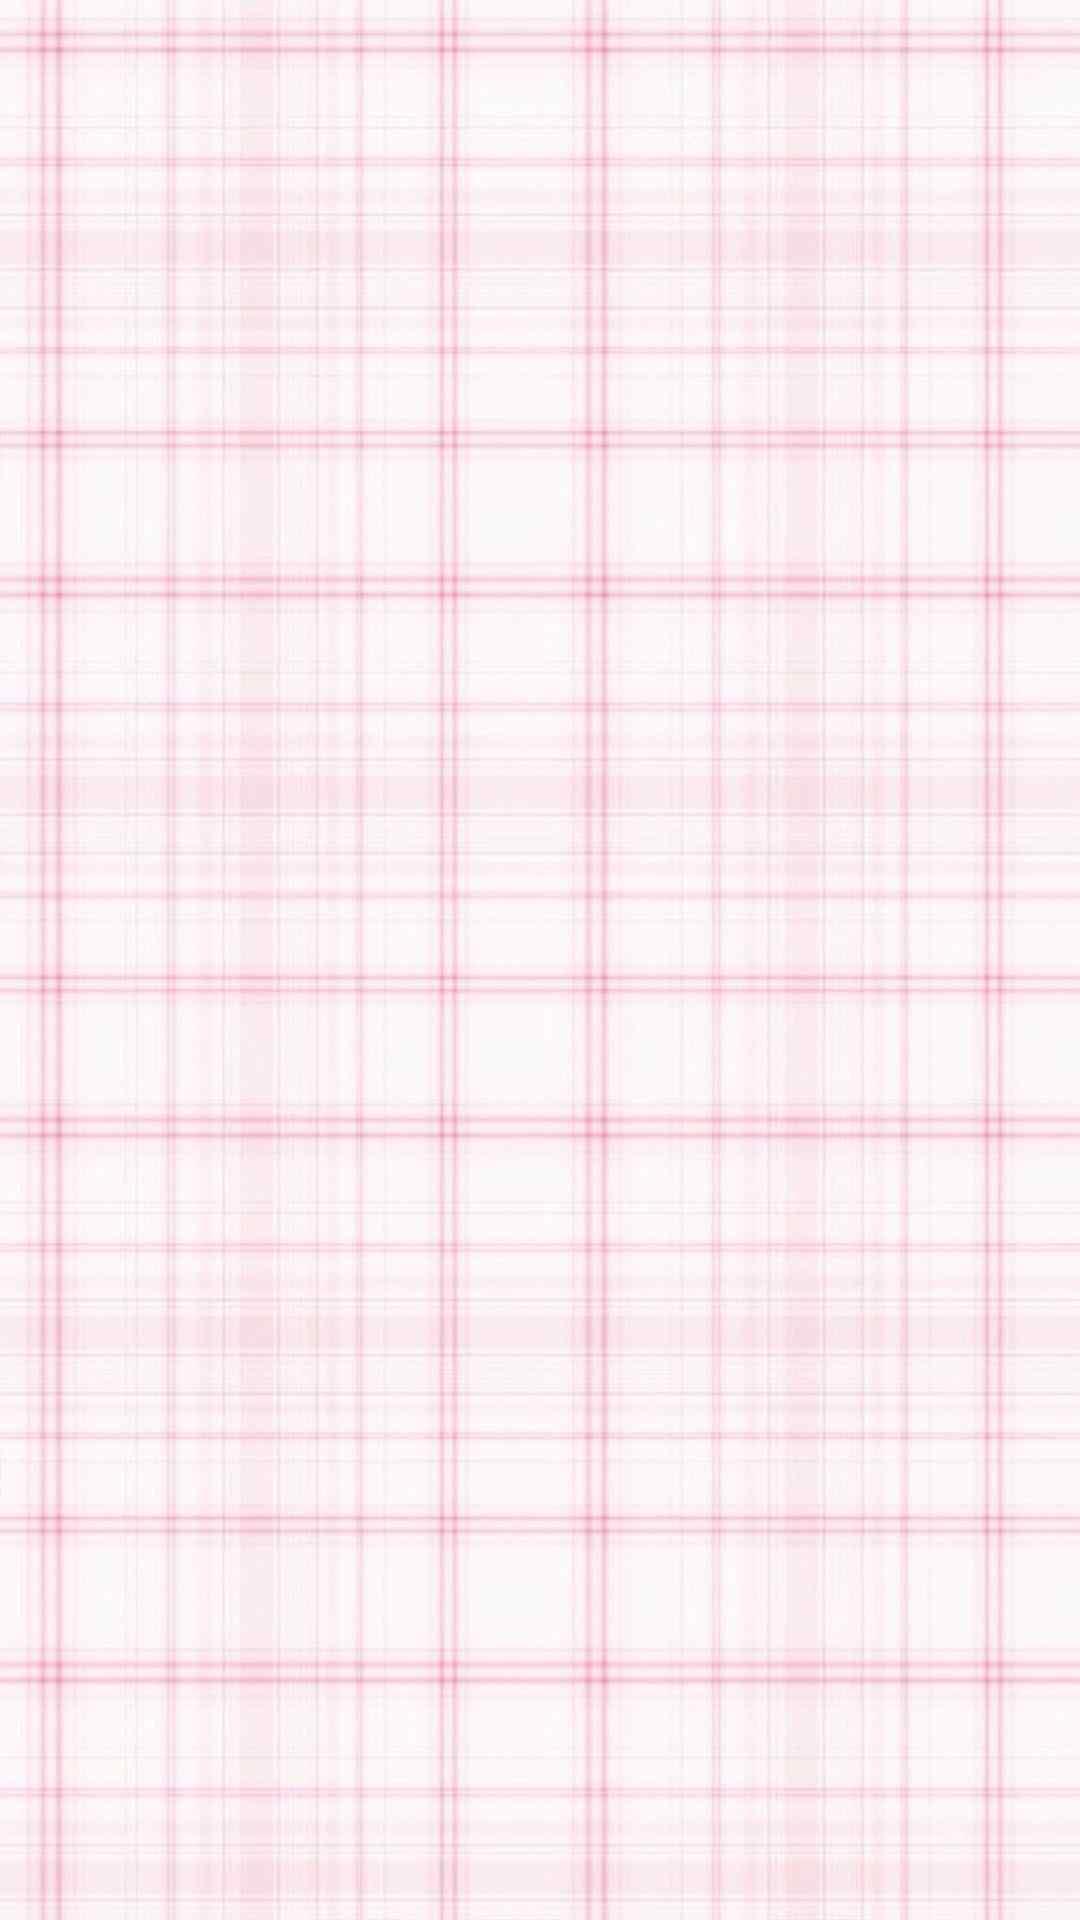 小清新可爱简洁平铺图片高清手机壁纸